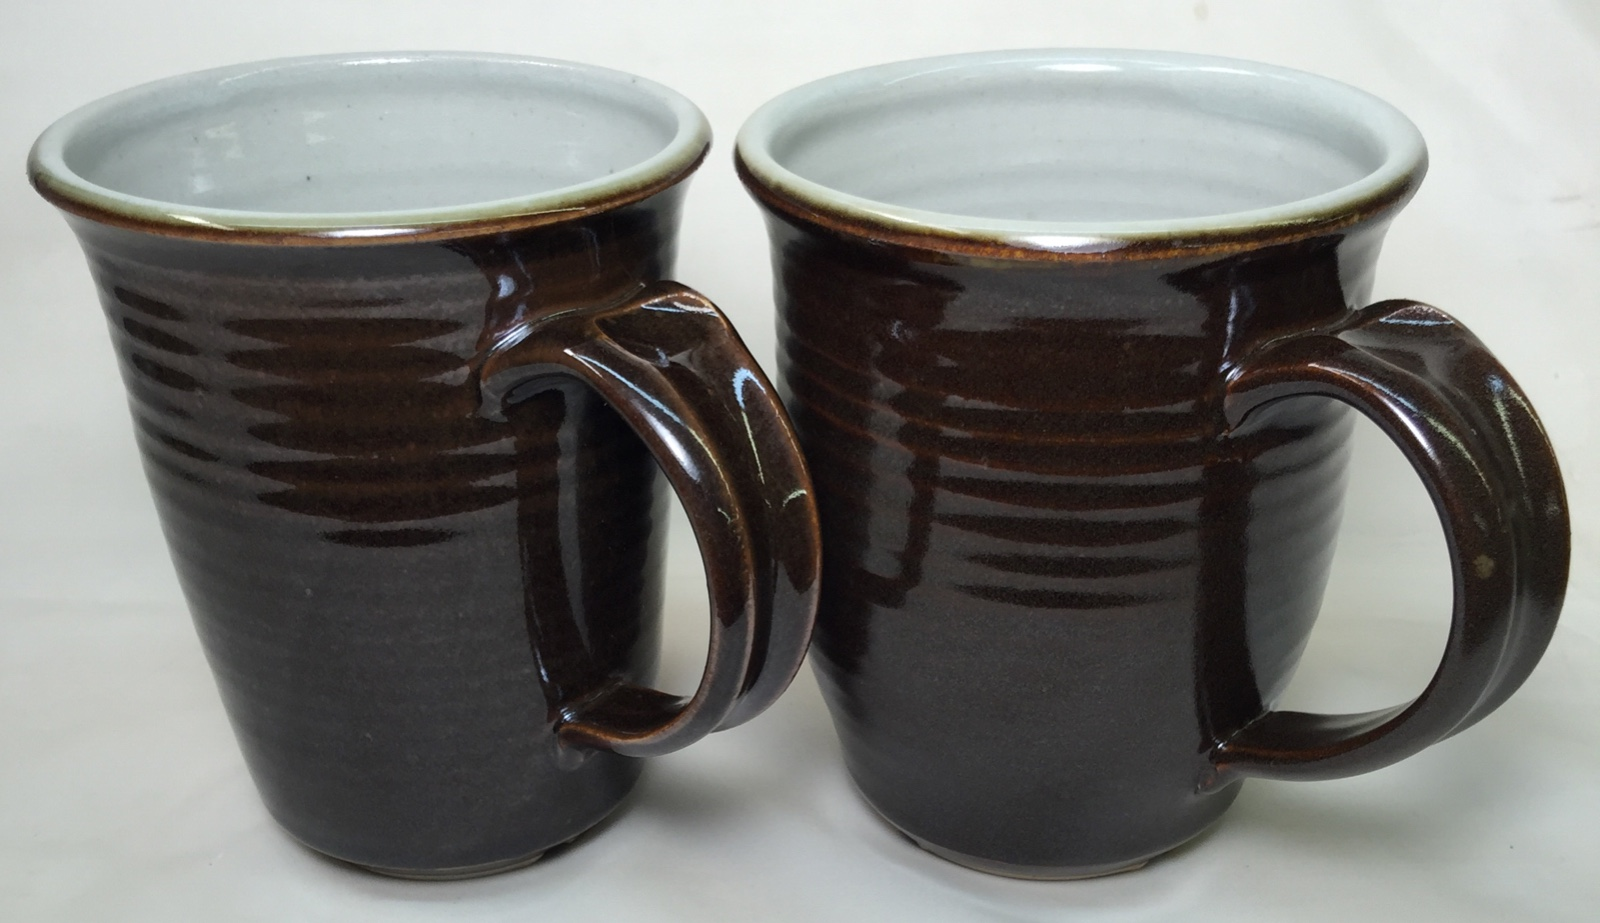 Cone 10R kiln variation shows in tenmoku glaze